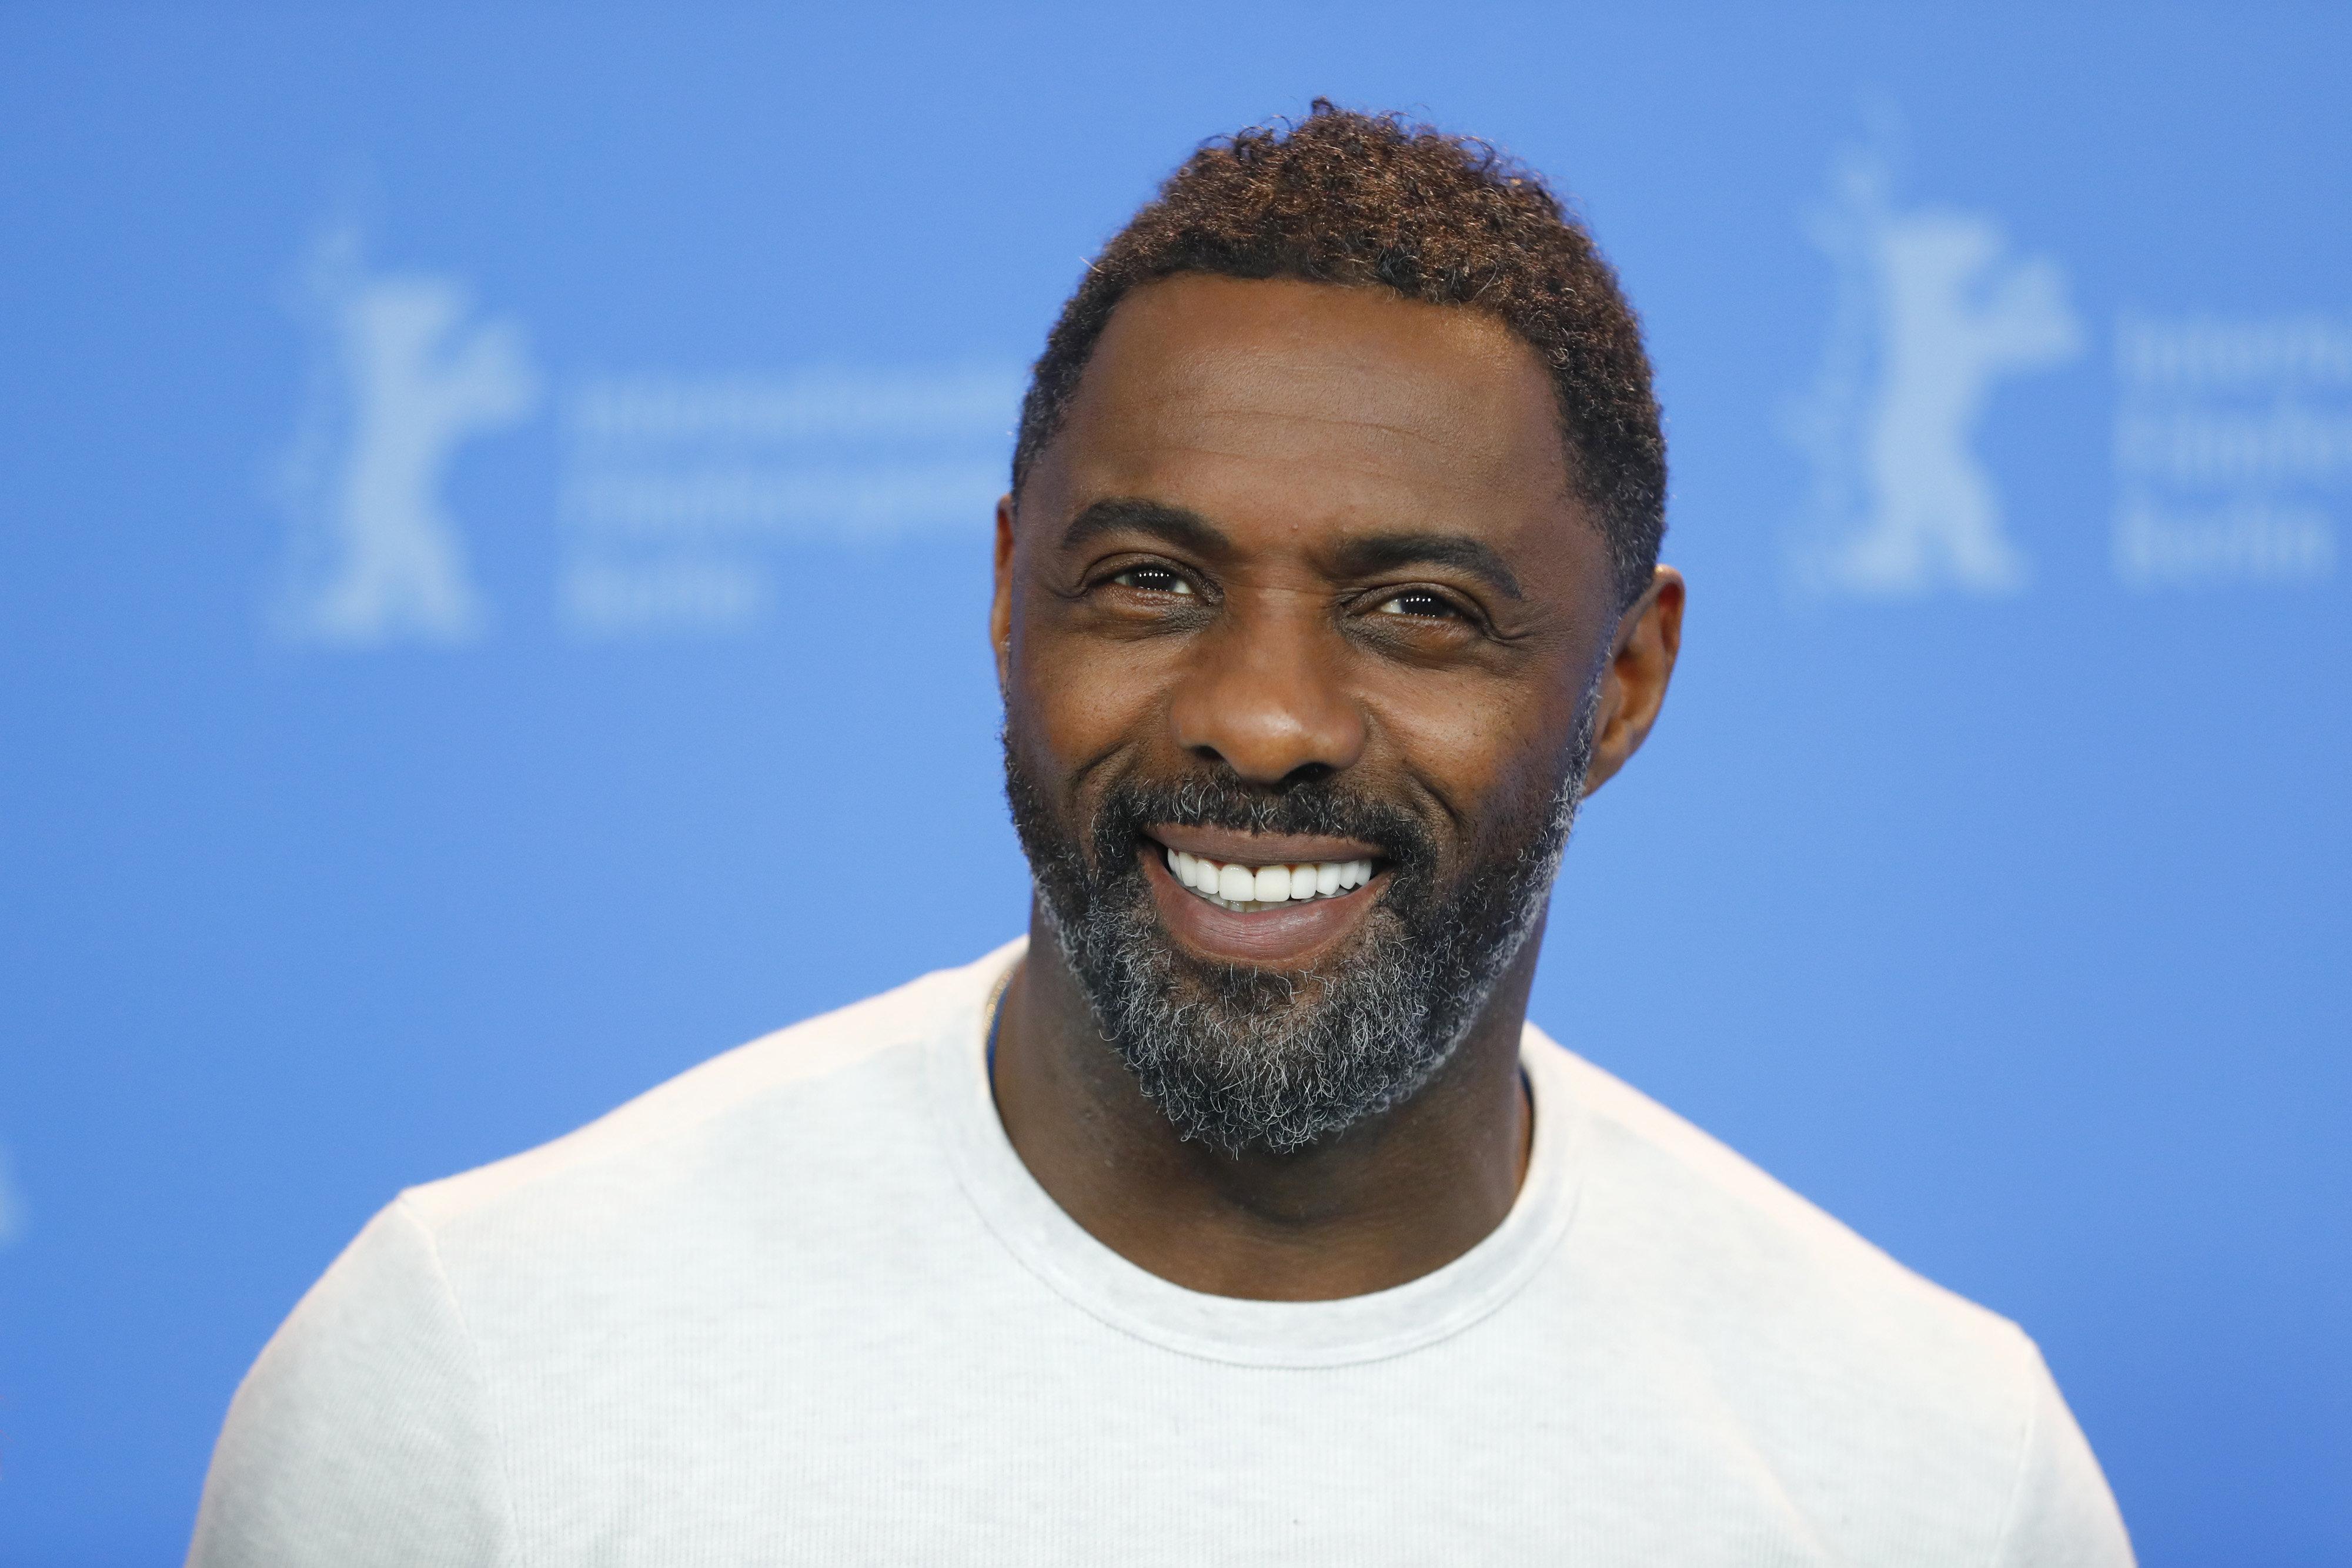 Idris Elba Lands Lead Role in Netflix Comedy Series